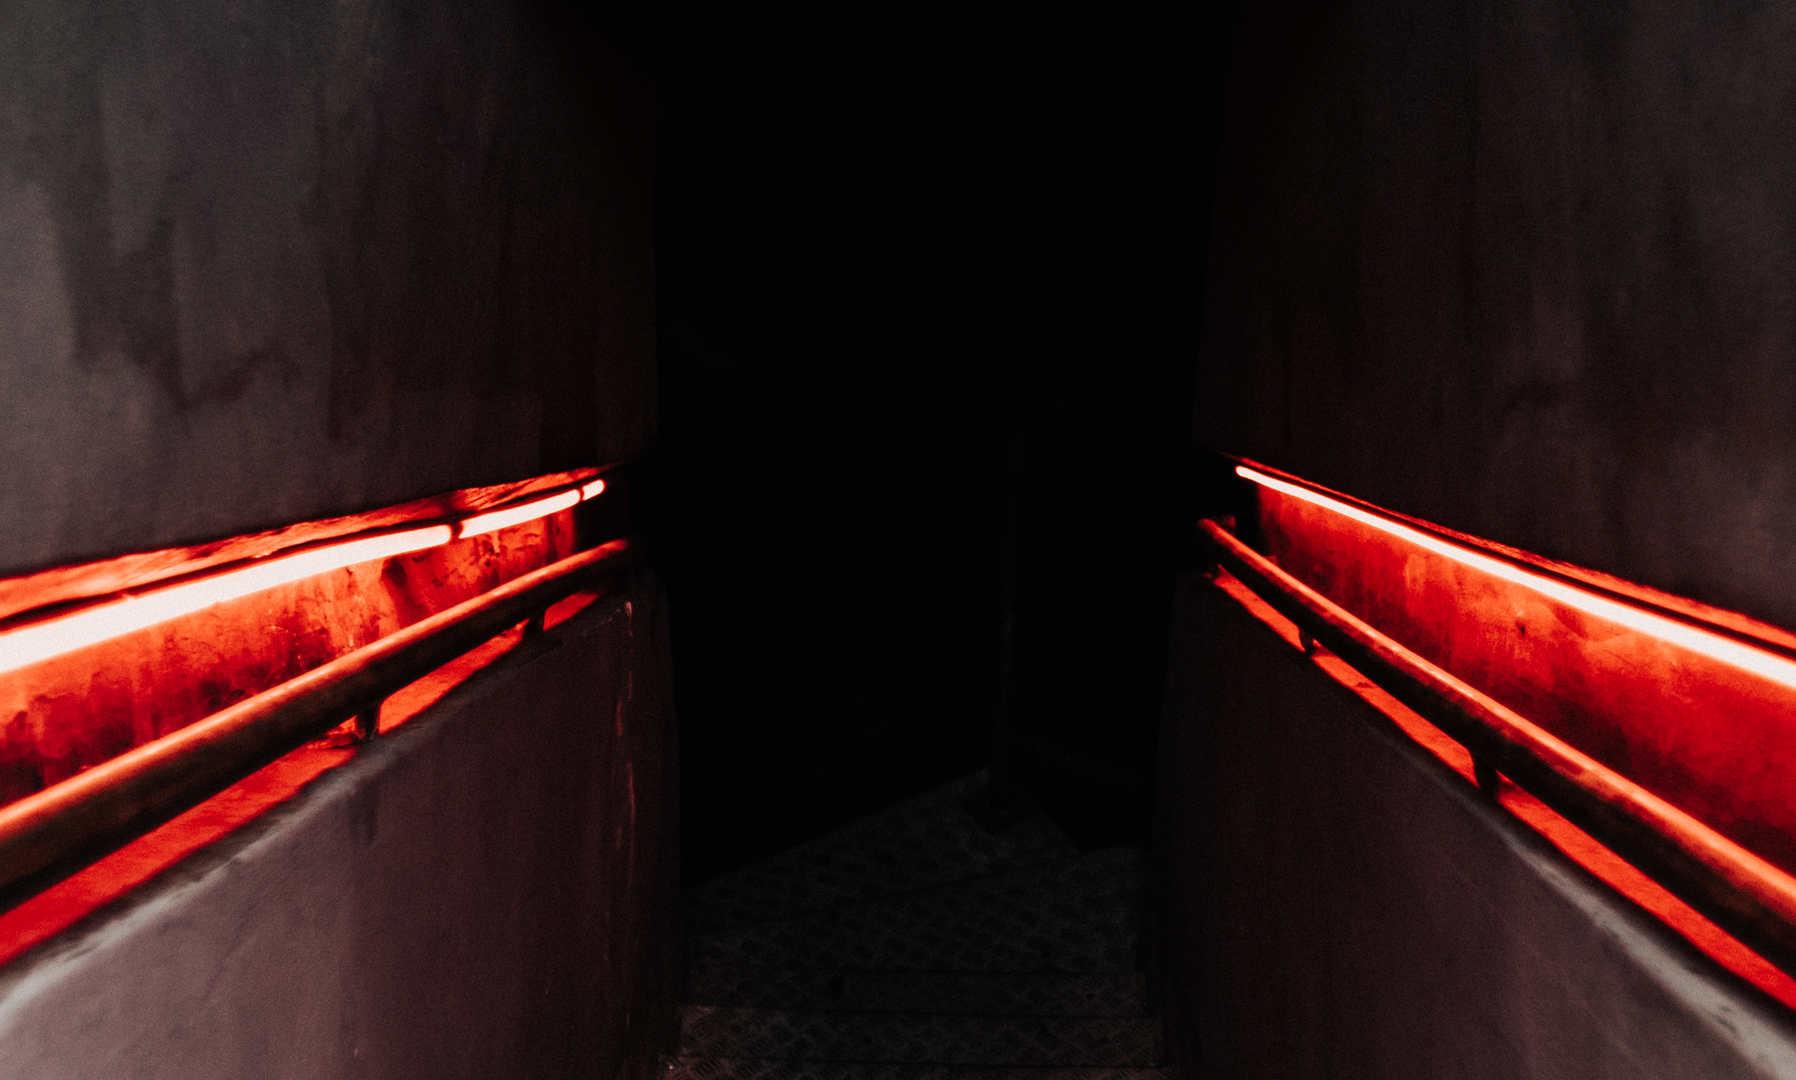 GOODMANN_Stairs1.jpg